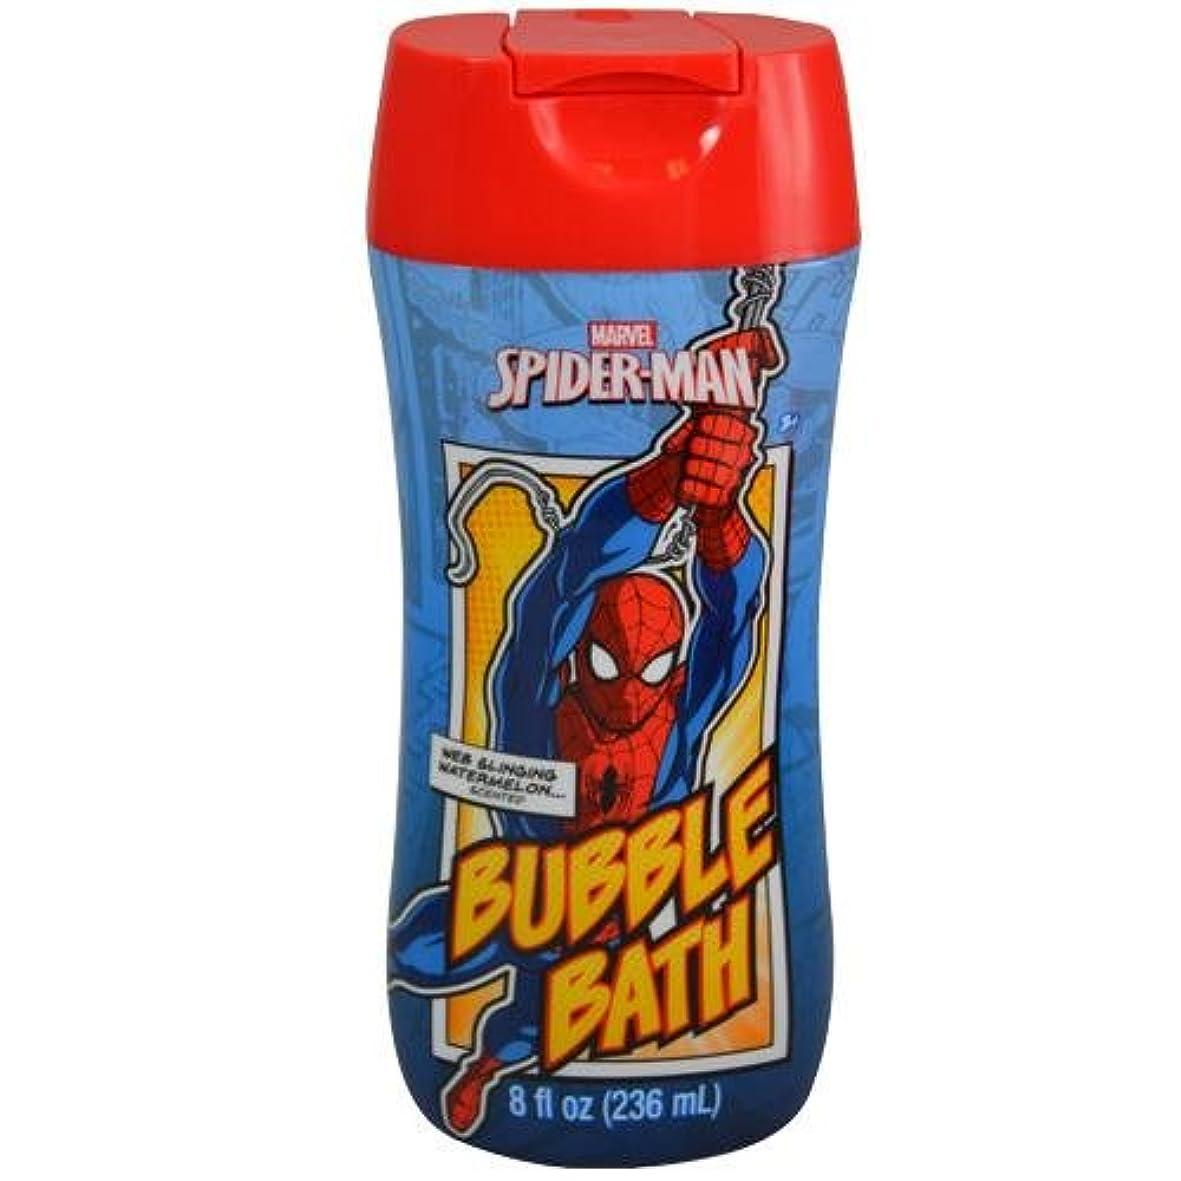 振りかける不快な好意的スパイダーマン SPIDER-MAN バブルバス 12190 MARVEL 入浴剤 お風呂 子供用 キッズ 泡 バブル 泡風呂 MARVEL マーベル【即日?翌日発送】